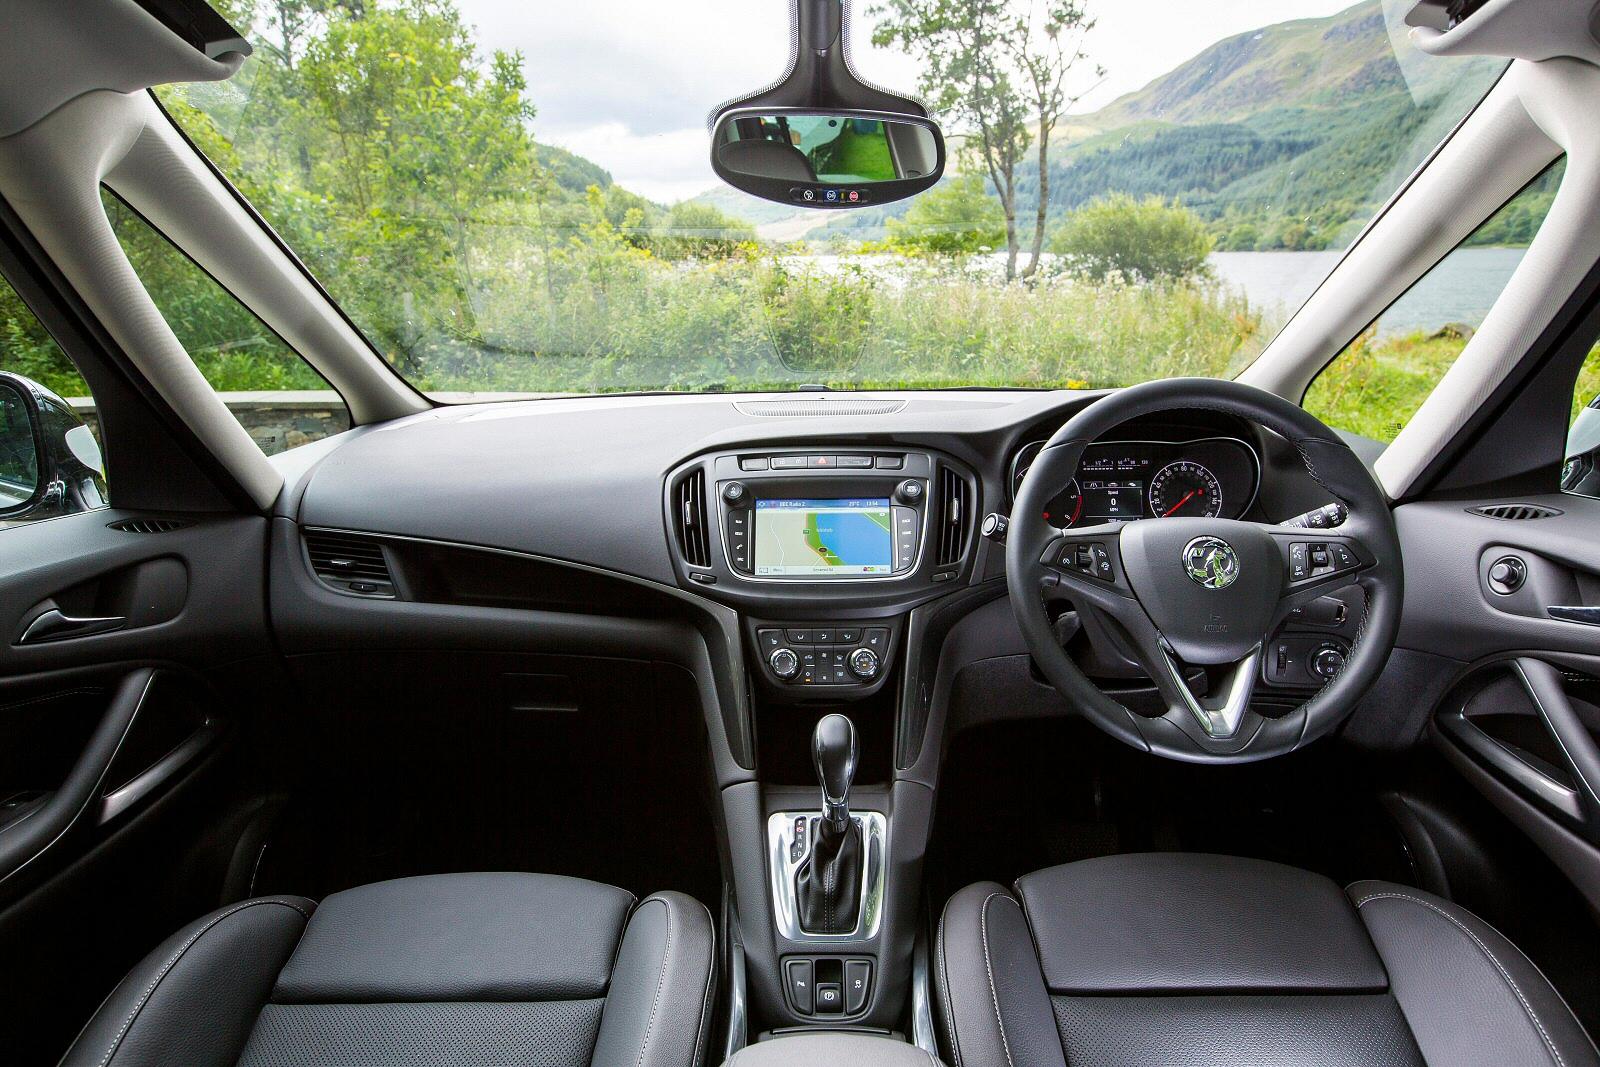 Opel zafira review